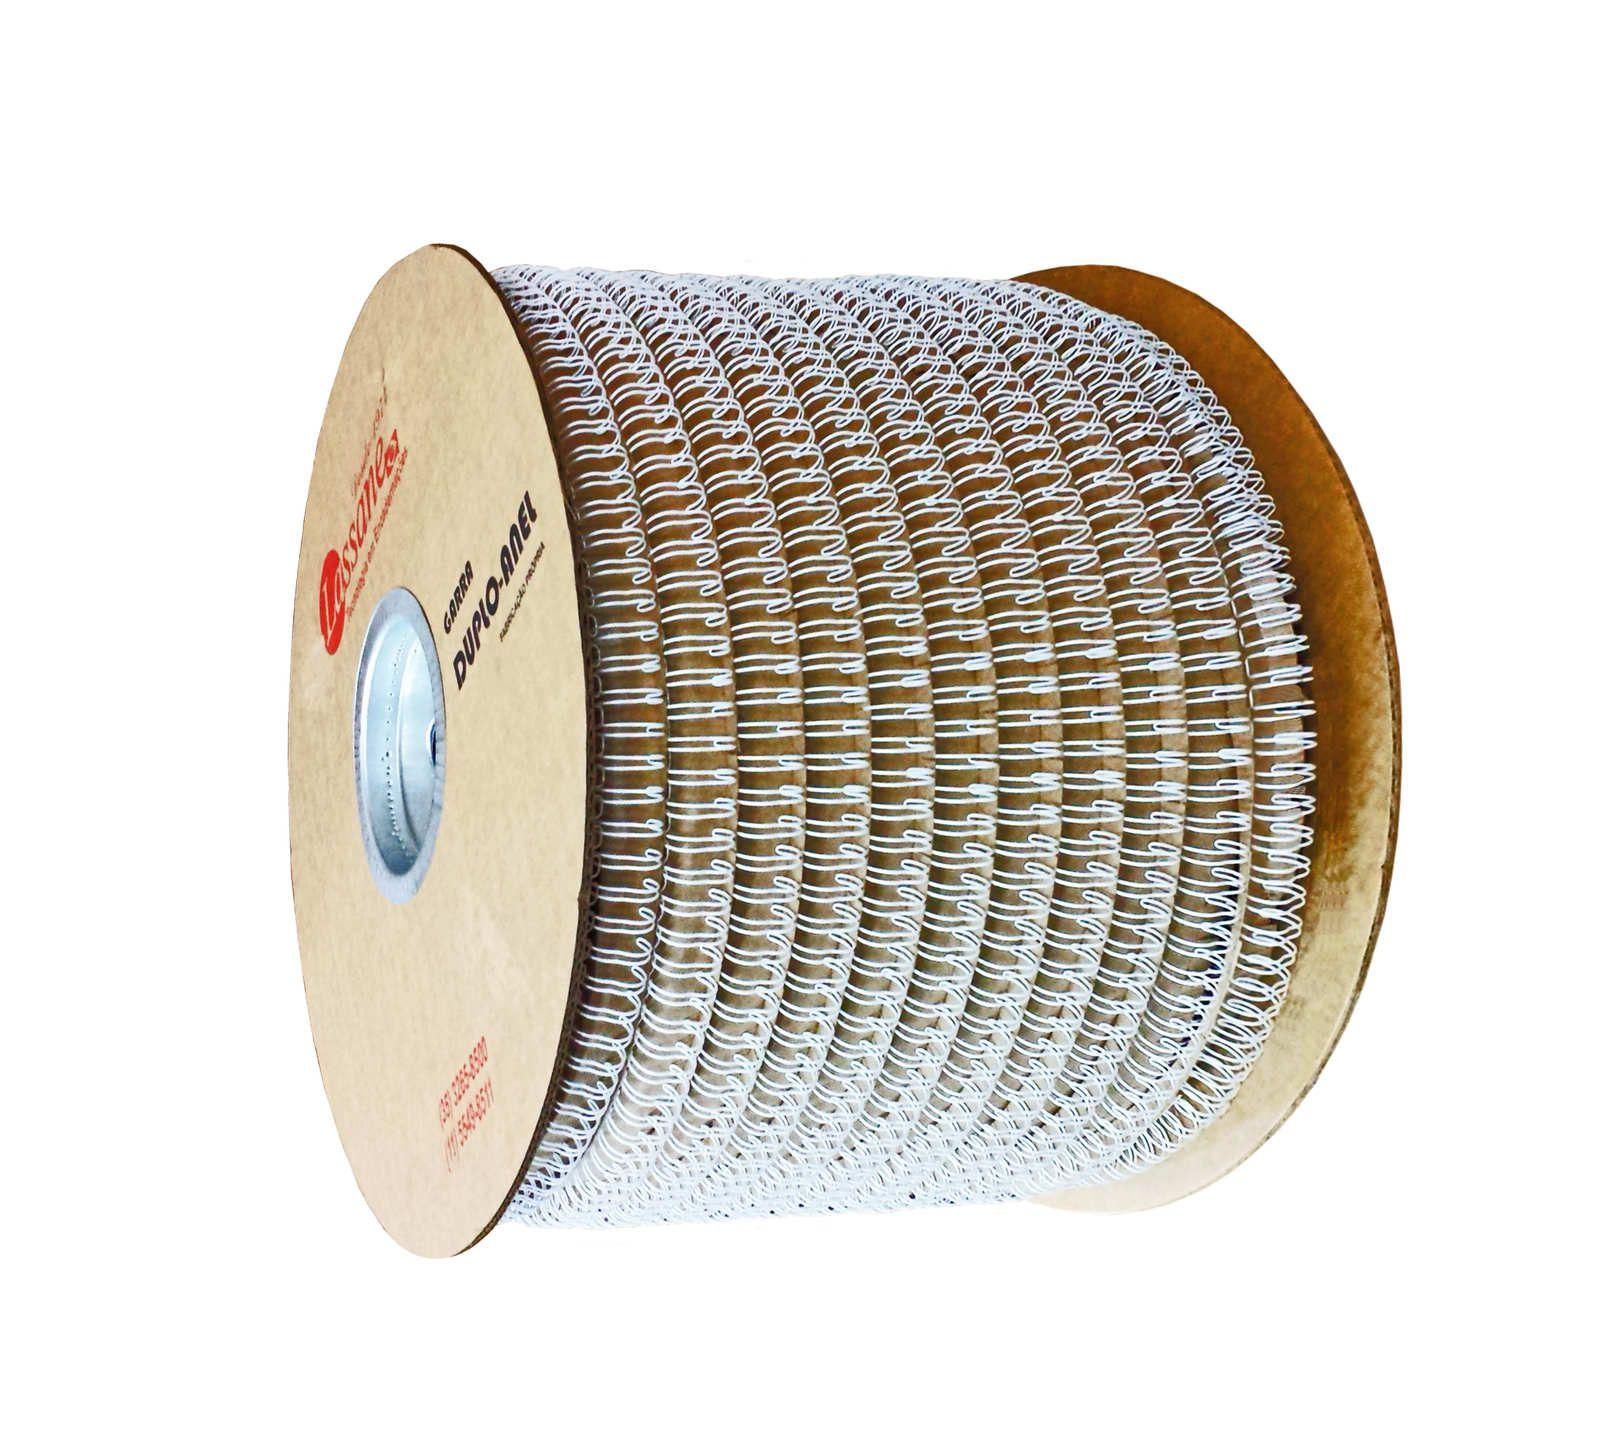 Bobina de Garras de Duplo Anel Wire-o 3x1 9/16 110 Folhas Cor Preta